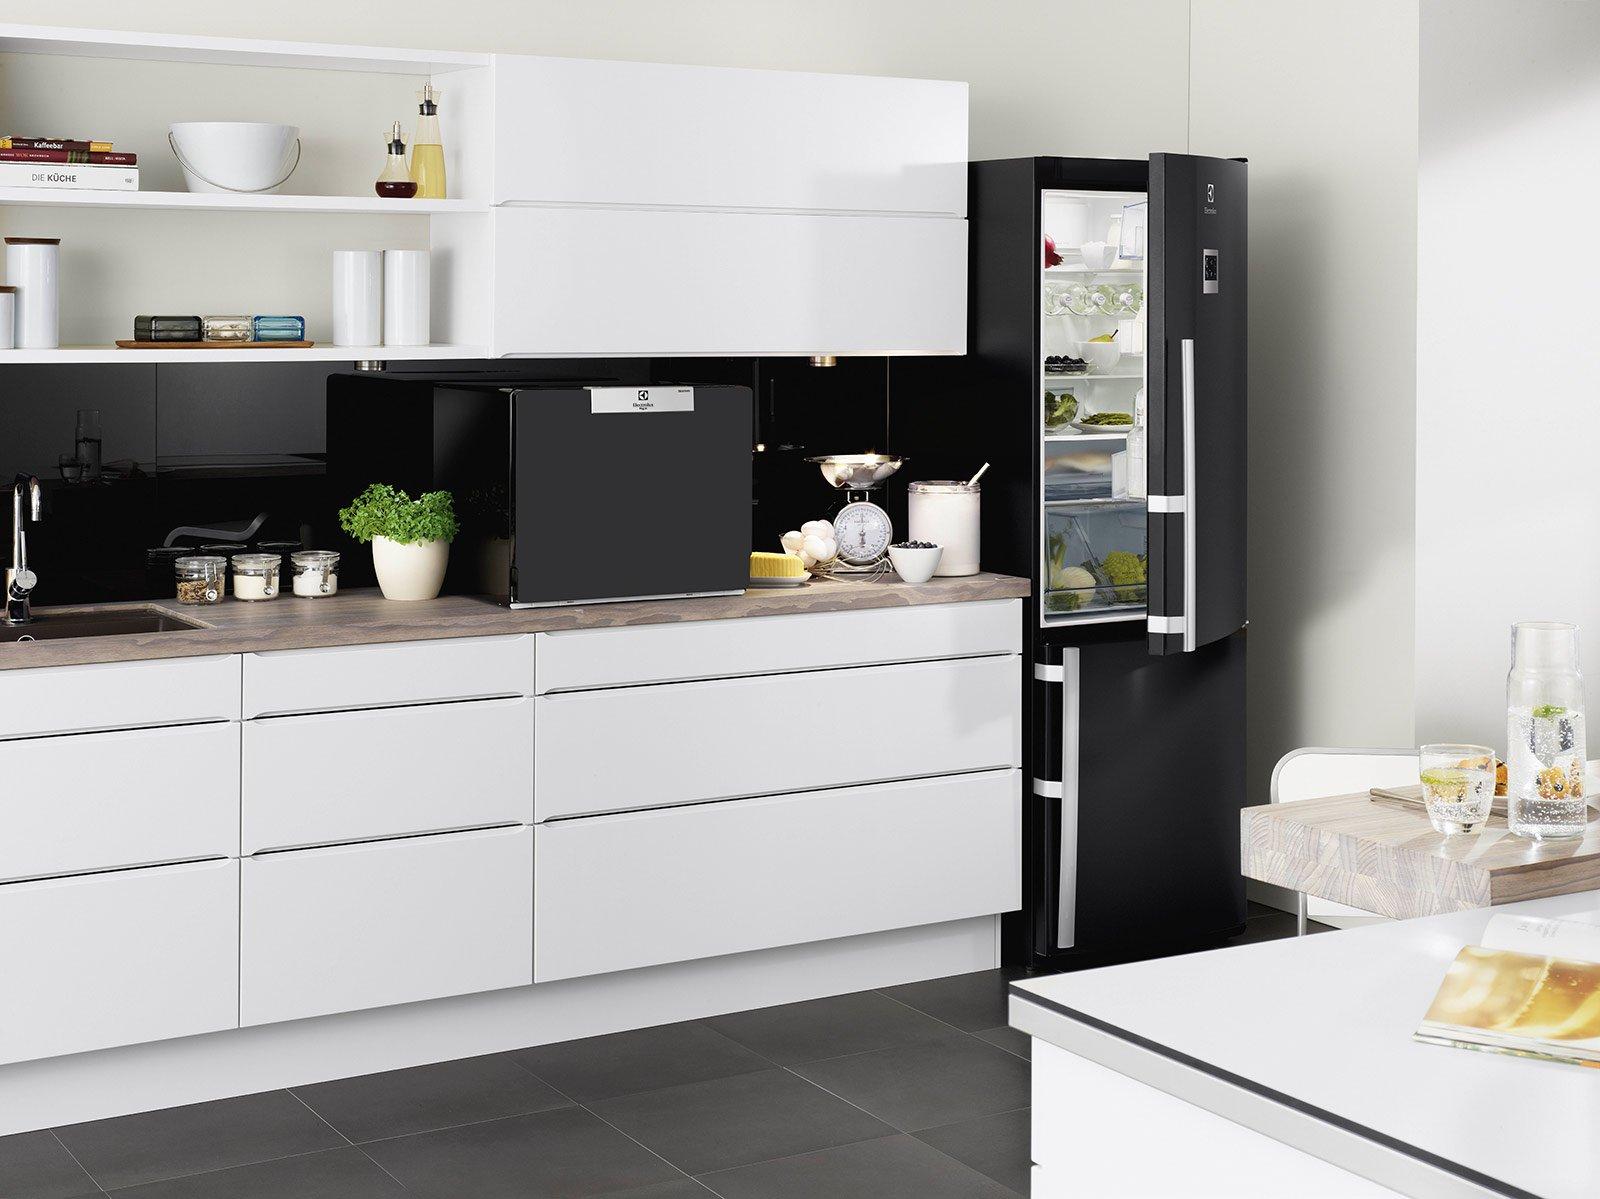 Elettrodomestici piccoli per risparmiare spazio  Cose di Casa